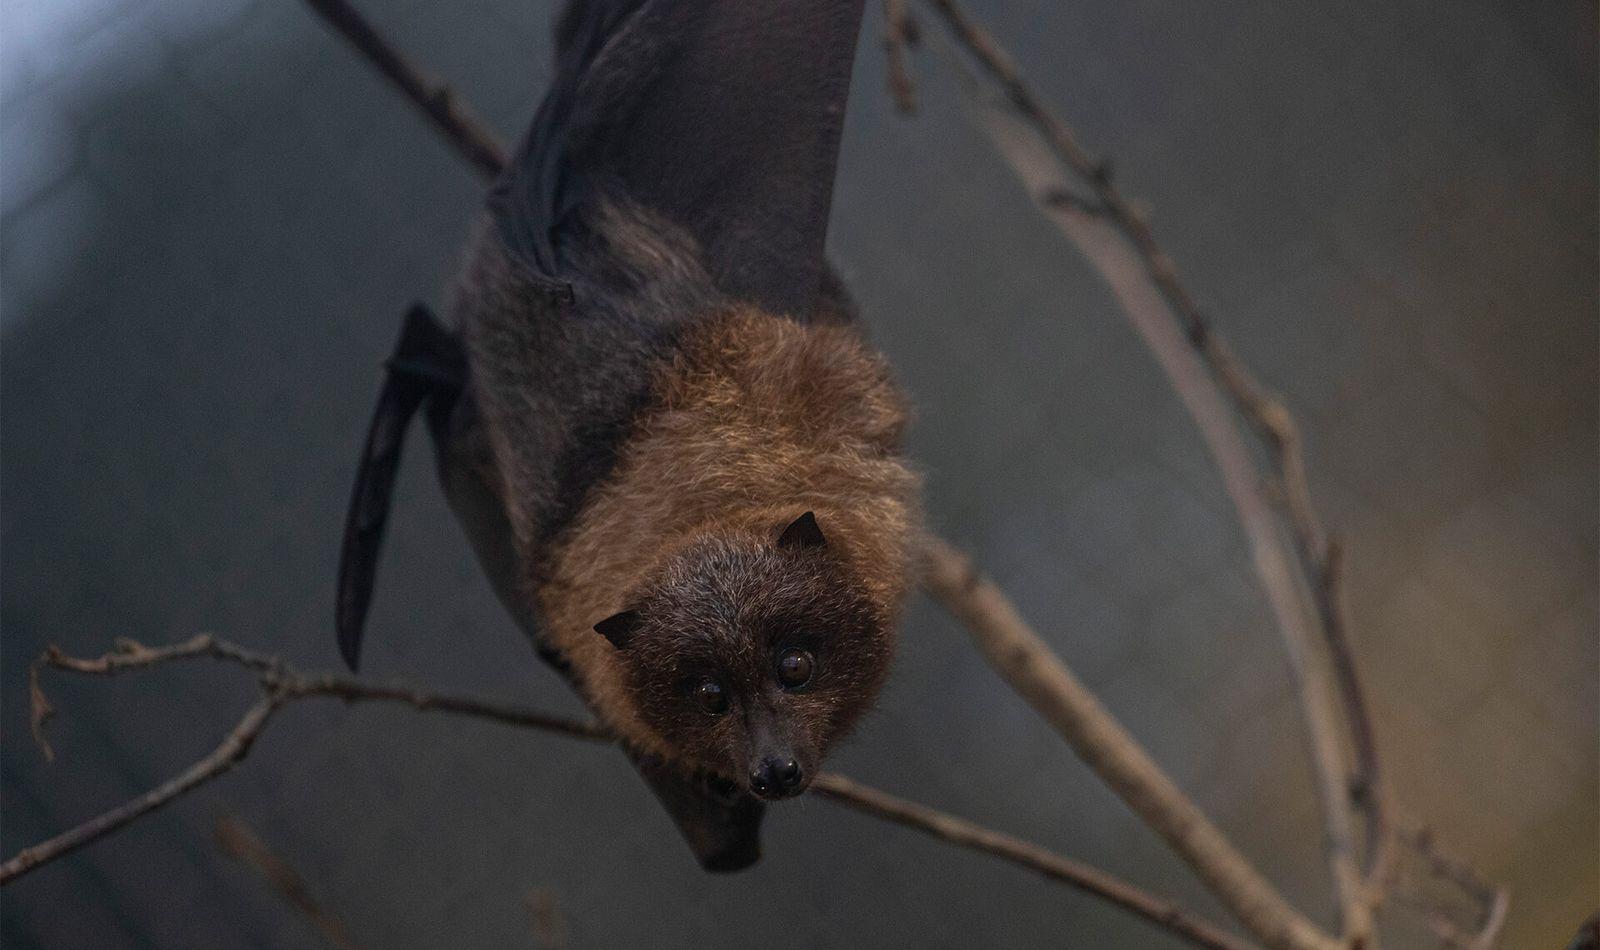 Chauves-souris de Rodrigues - Animaux extraordinaires du ZooParc